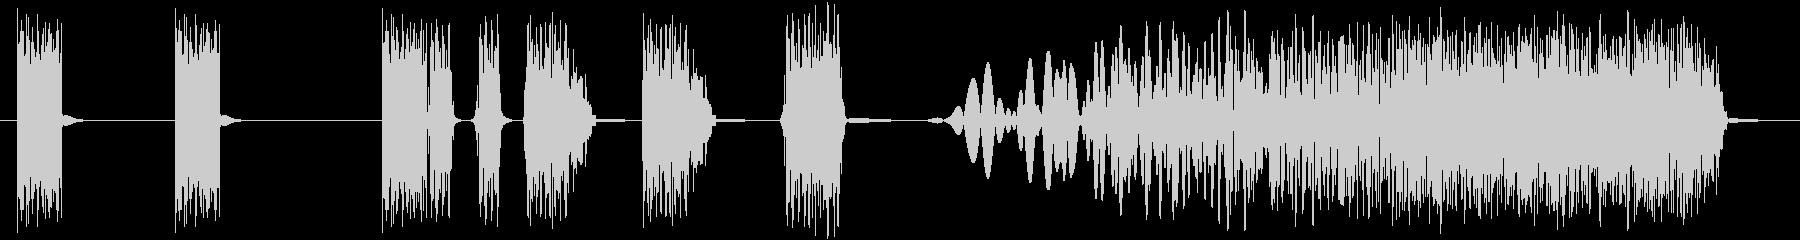 チャットの開始の未再生の波形